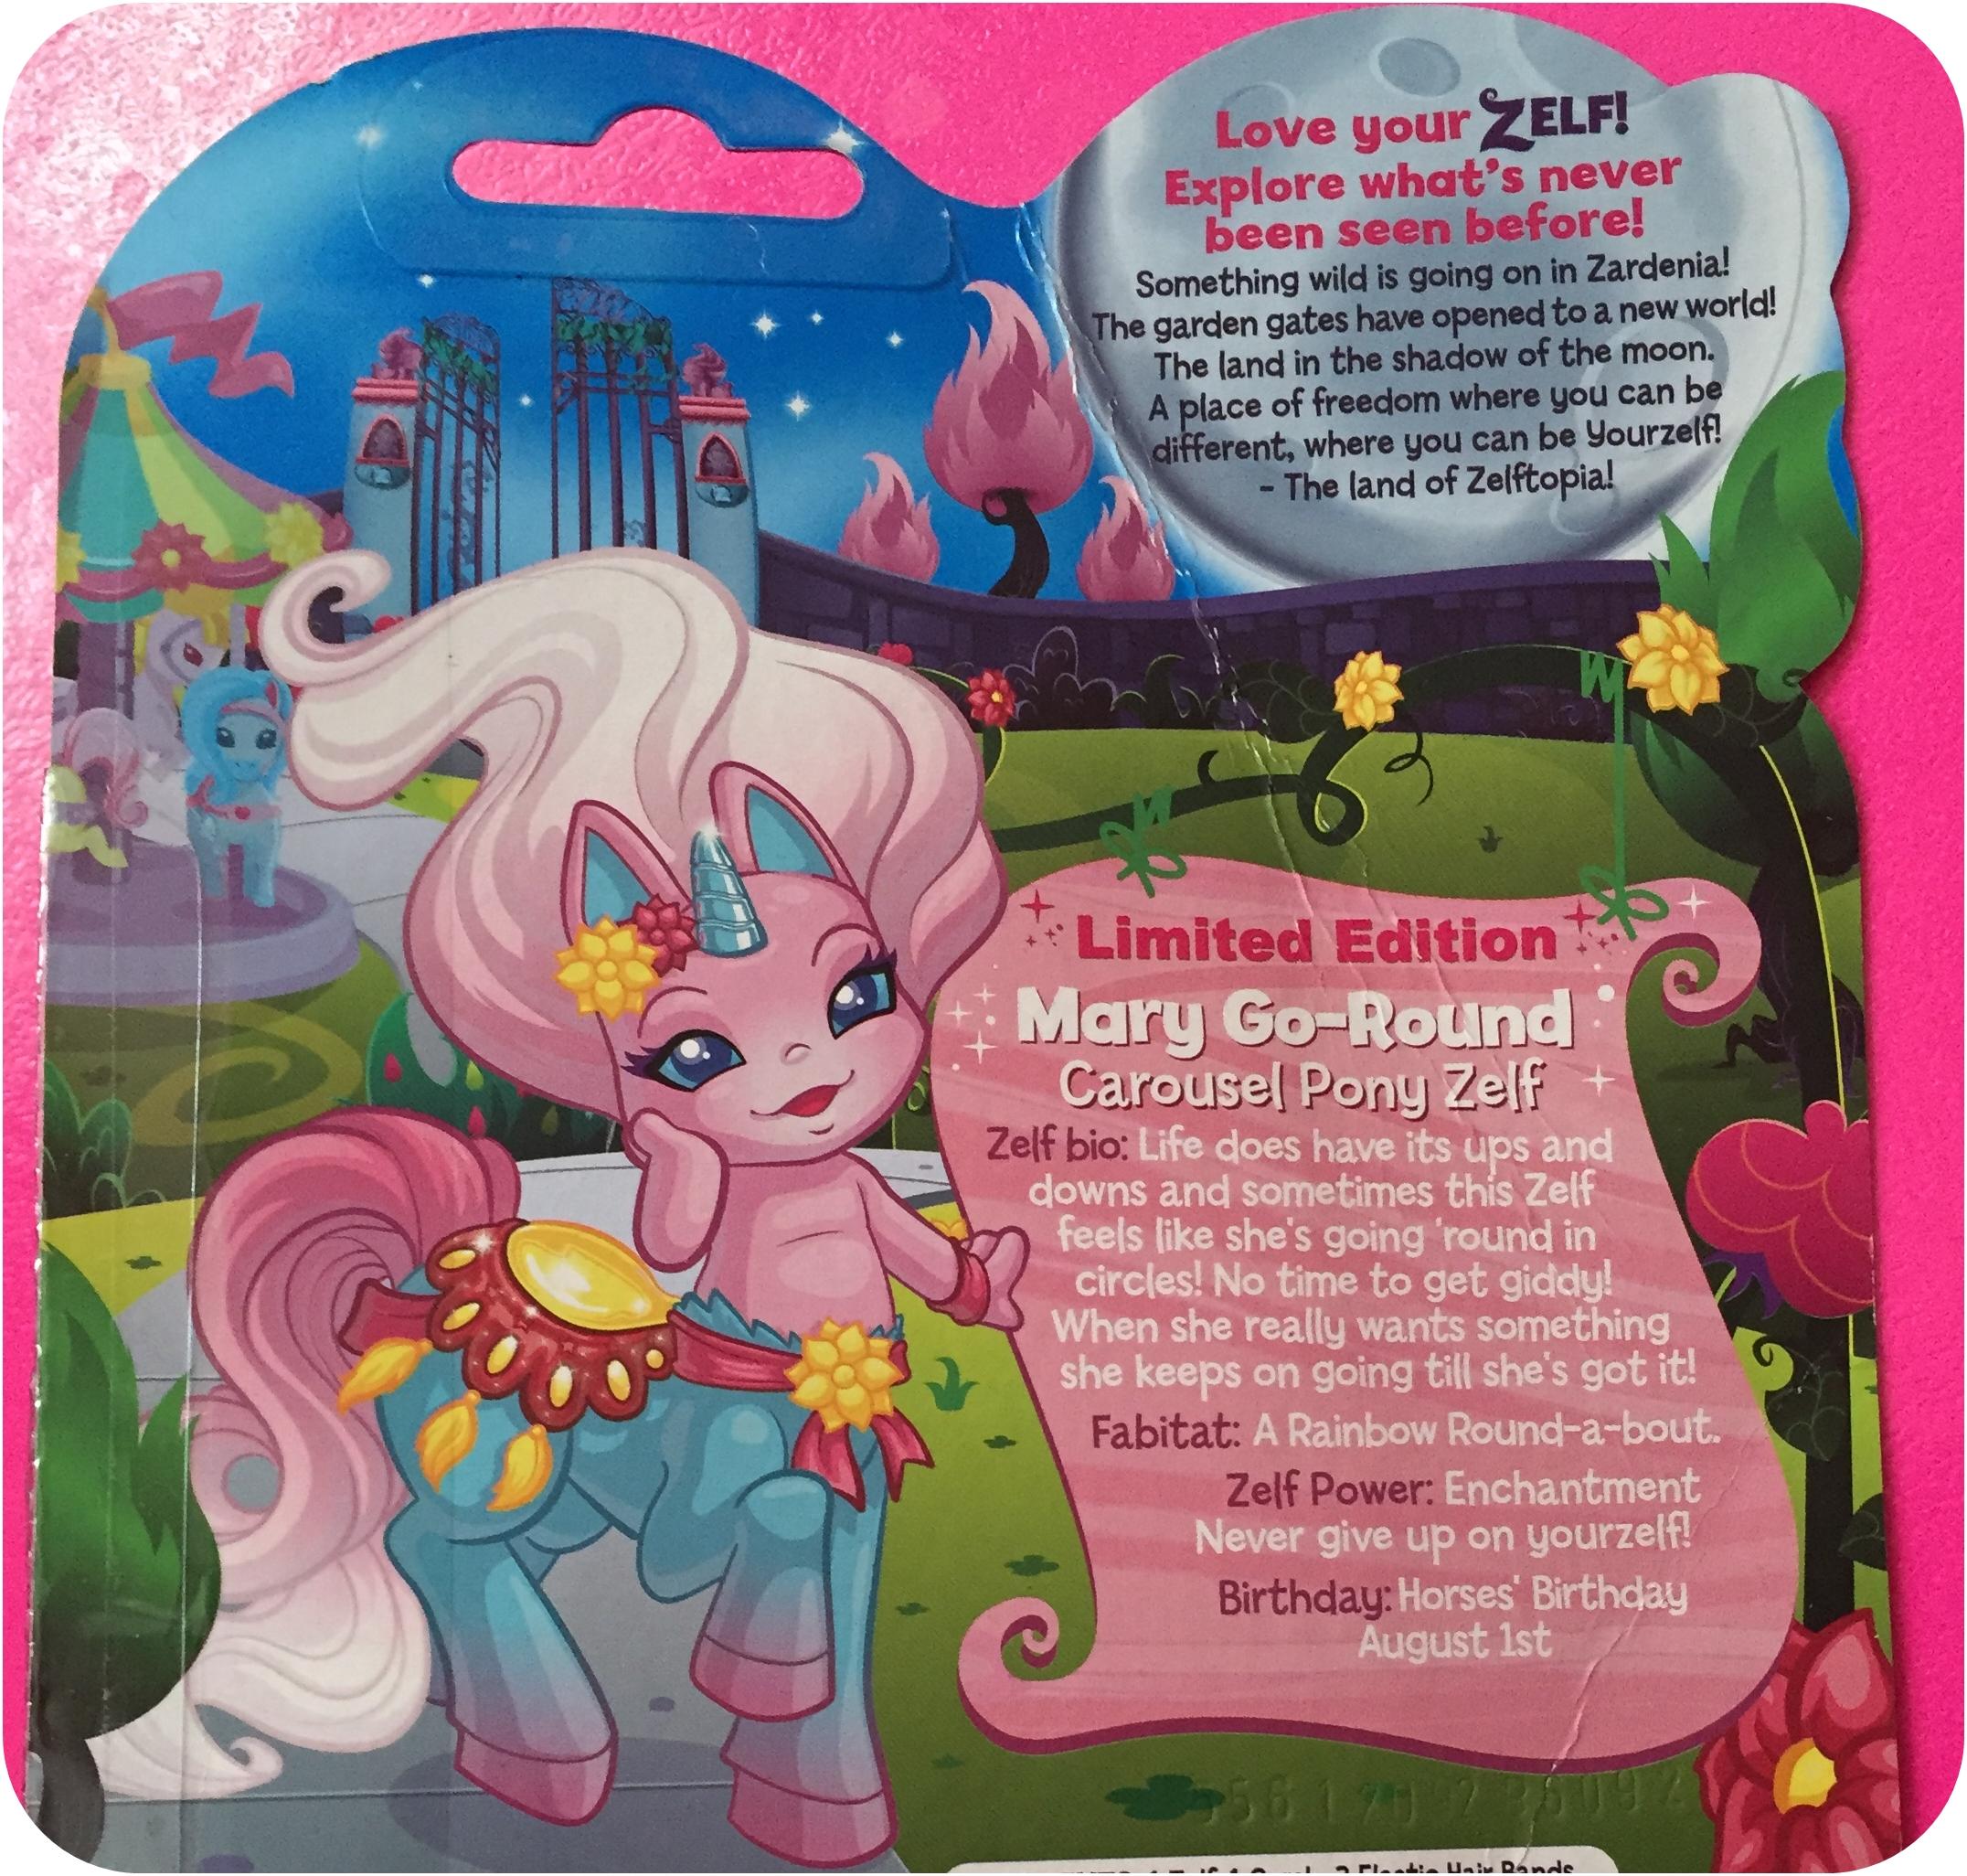 Pony Zelf